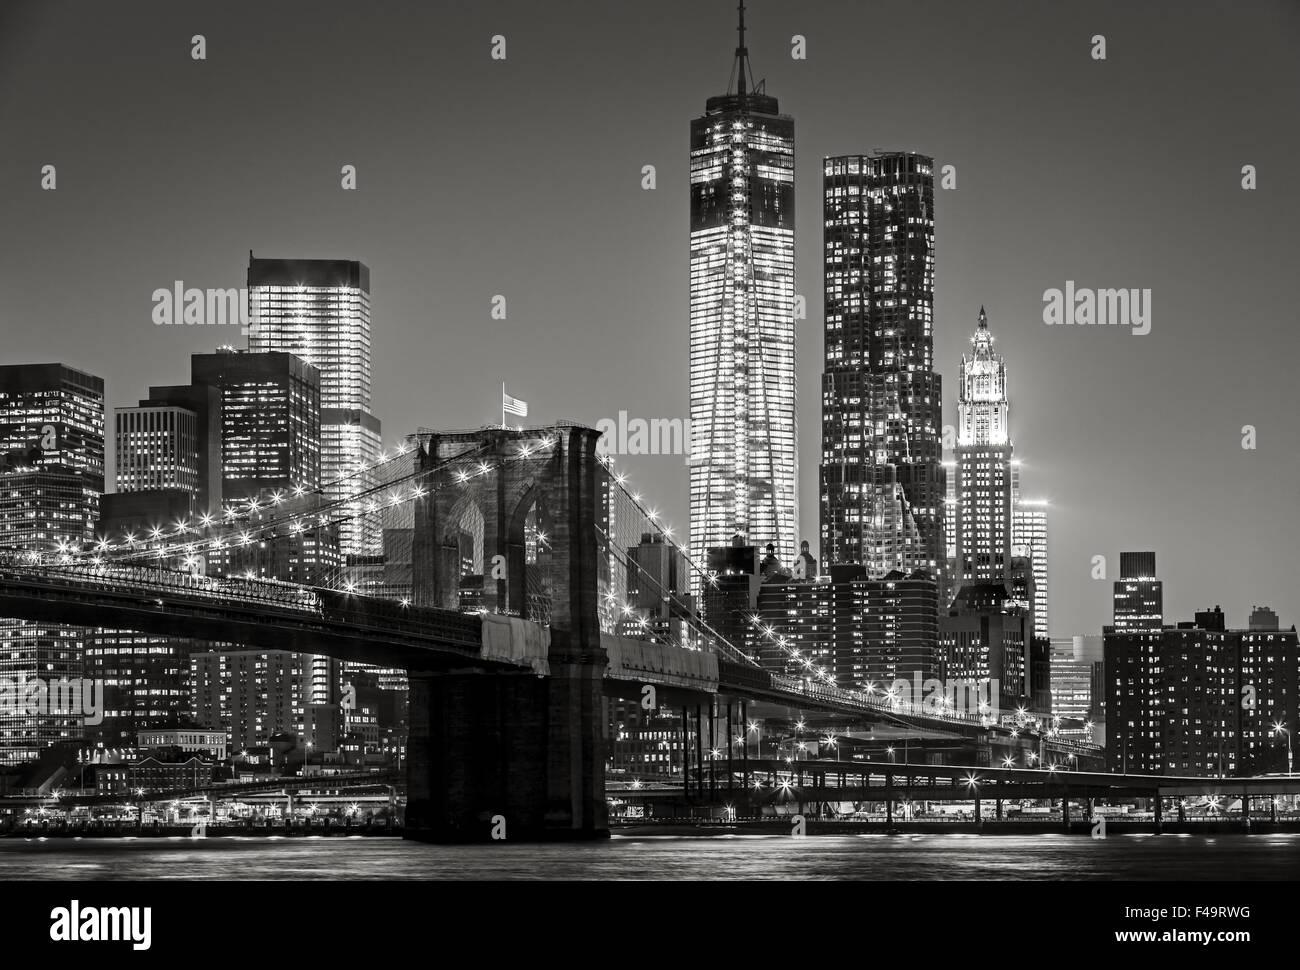 & Schwarz-weiß Stadtbild bei Nacht. Blick auf Lower Manhattan, Brooklyn Bridge und Financial District Wolkenkratzer, New York City Stockfoto